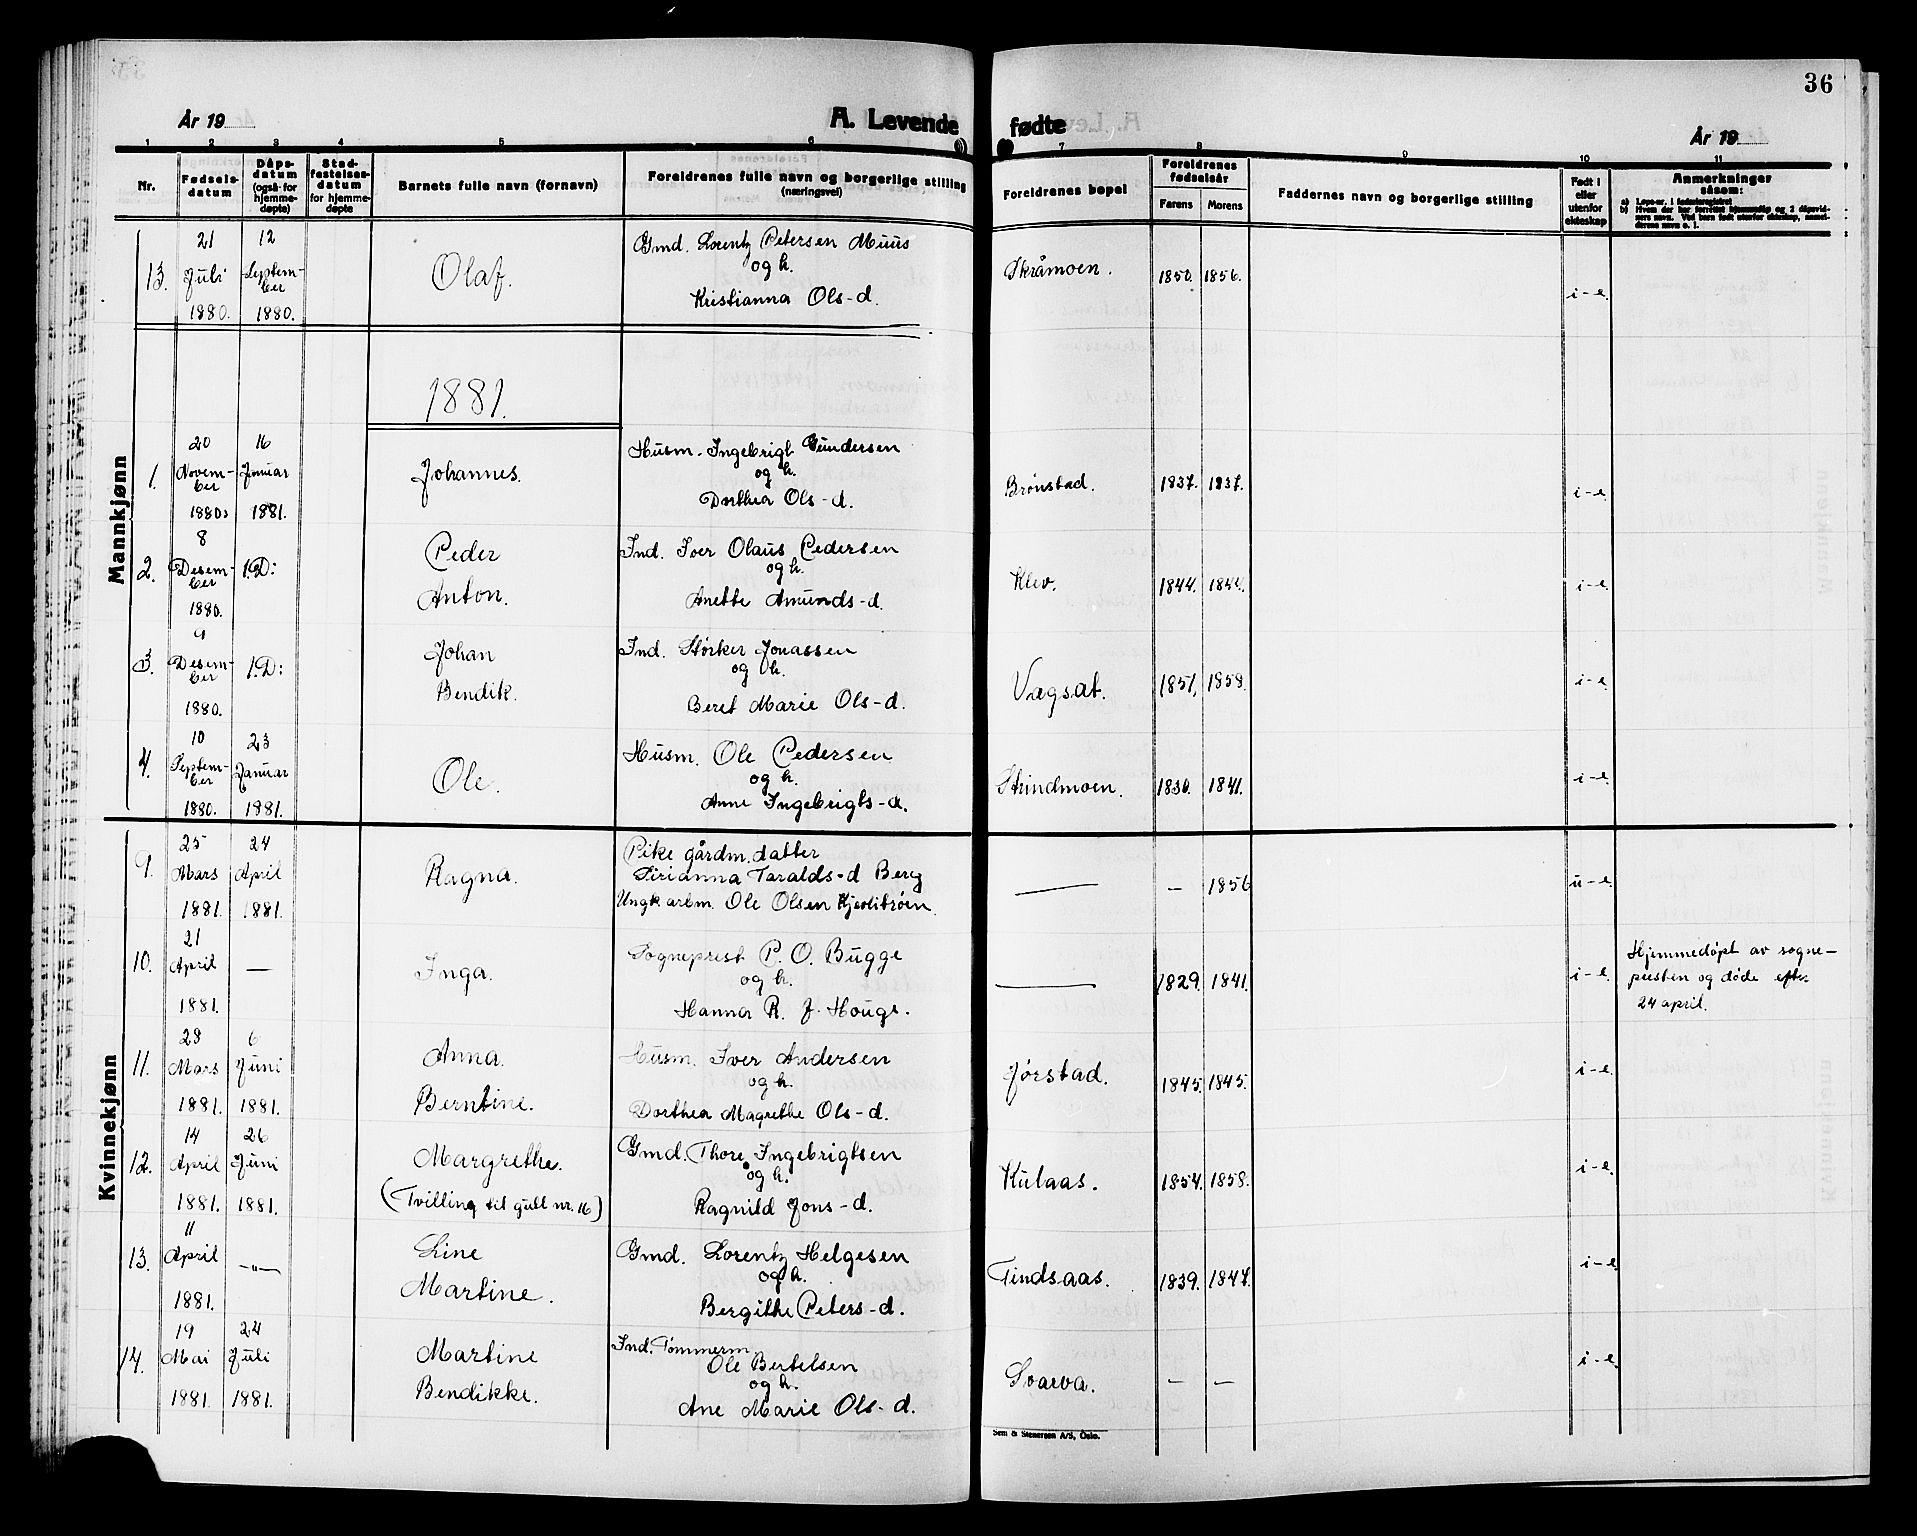 SAT, Ministerialprotokoller, klokkerbøker og fødselsregistre - Nord-Trøndelag, 749/L0486: Ministerialbok nr. 749D02, 1873-1887, s. 36